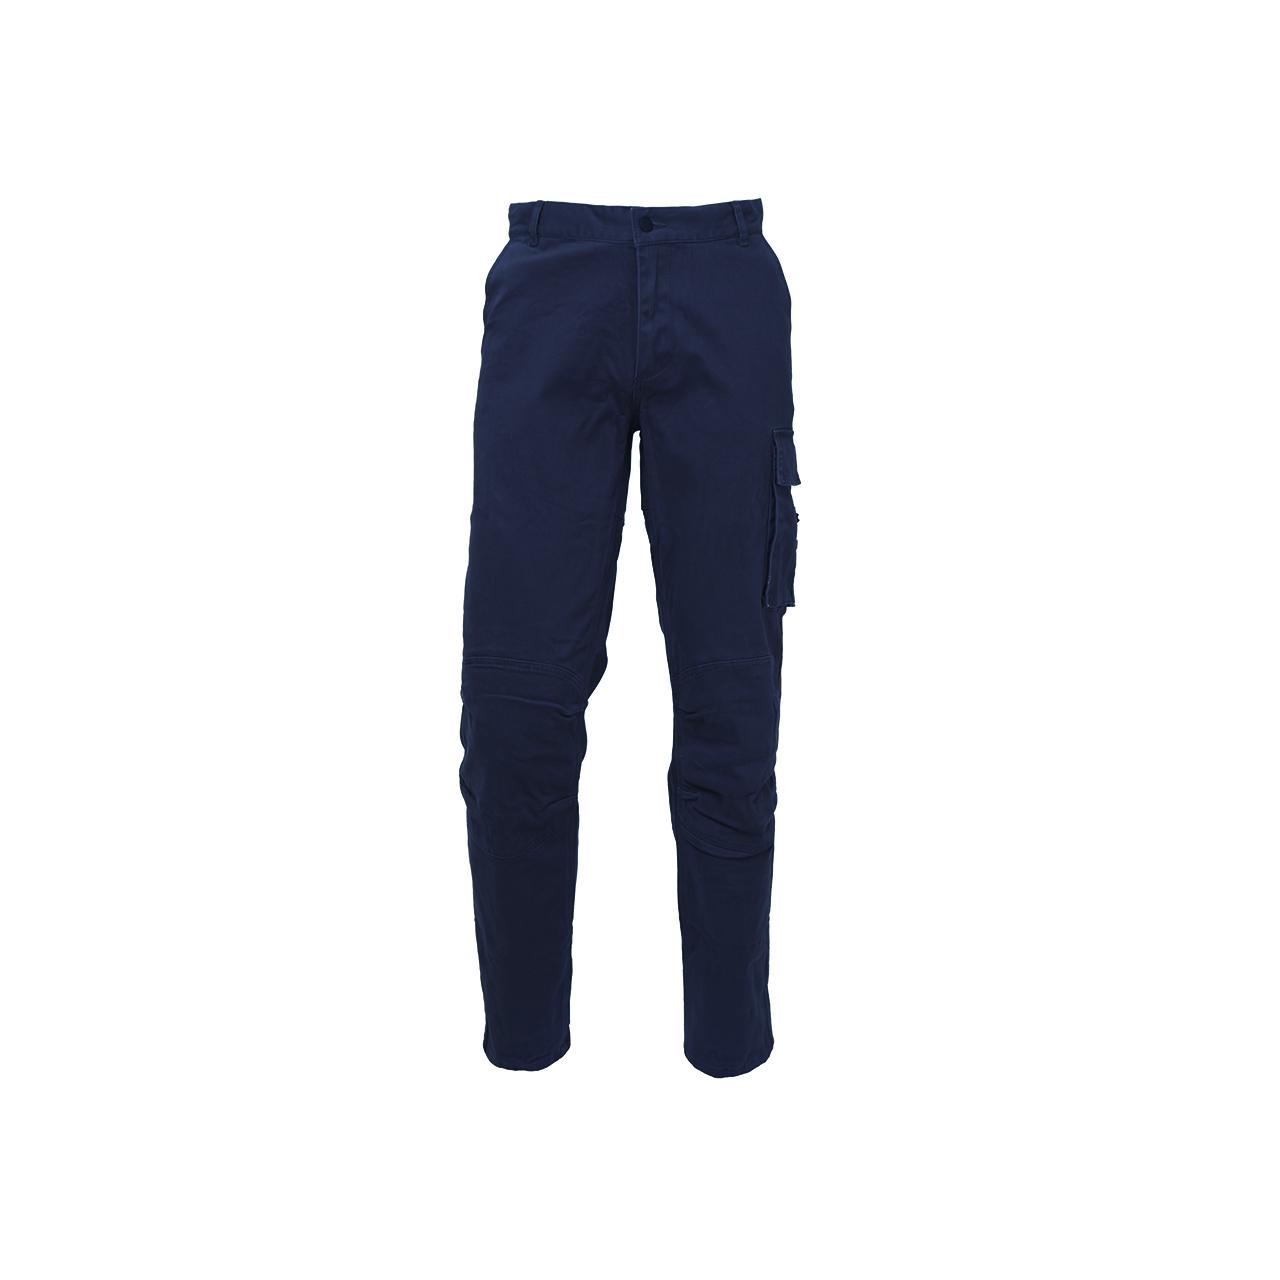 pantalone da lavoro upower modello baltic colore westlake blue